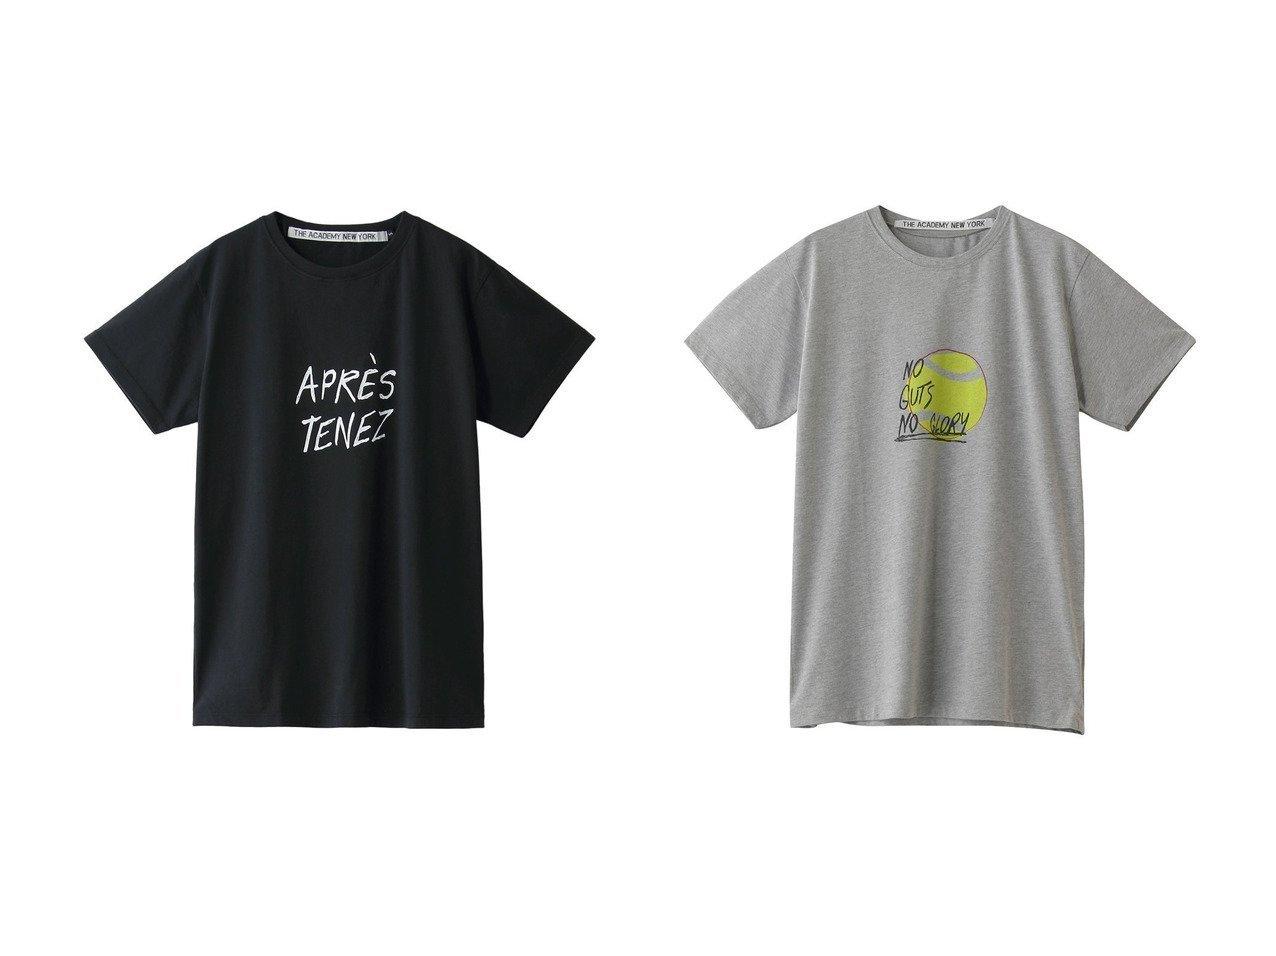 【GALLARDAGALANTE/ガリャルダガランテ】の【THE ACADEMY NEW YORK】イラストTシャツ&【THE ACADEMY NEW YORK】Tシャツ/Apres Tenez 【トップス・カットソー】おすすめ!人気、トレンド・レディースファッションの通販 おすすめで人気の流行・トレンド、ファッションの通販商品 メンズファッション・キッズファッション・インテリア・家具・レディースファッション・服の通販 founy(ファニー) https://founy.com/ ファッション Fashion レディースファッション WOMEN トップス・カットソー Tops/Tshirt シャツ/ブラウス Shirts/Blouses ロング / Tシャツ T-Shirts カットソー Cut and Sewn ショート シンプル スリーブ 半袖 |ID:crp329100000037731